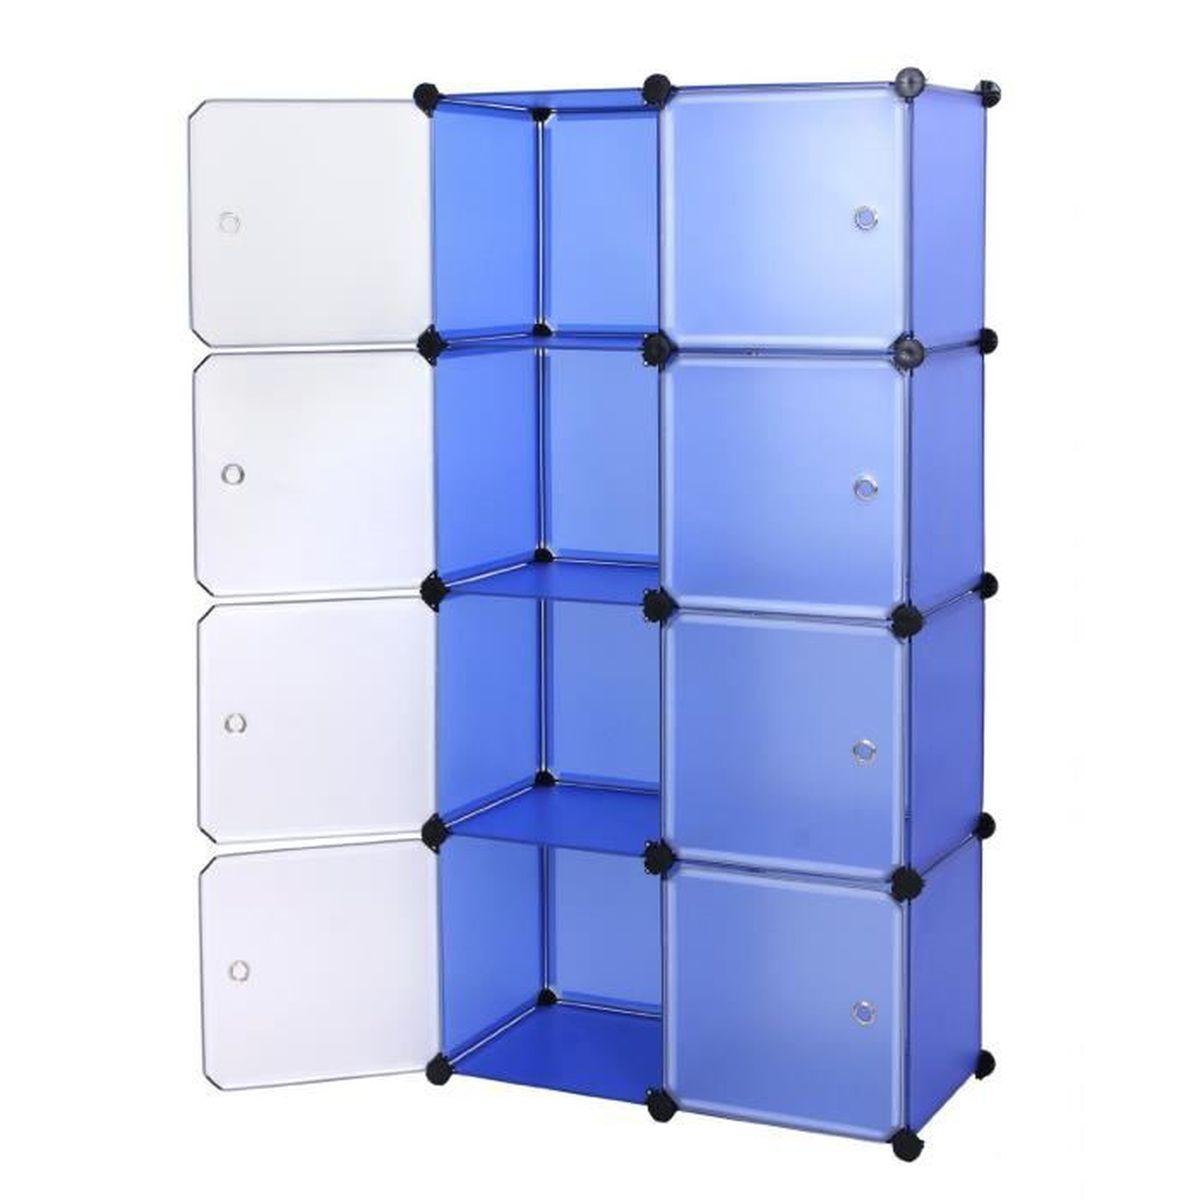 Diy armoire penderie cubes etag re modulables plastiques - Etageres modulables en metal ...